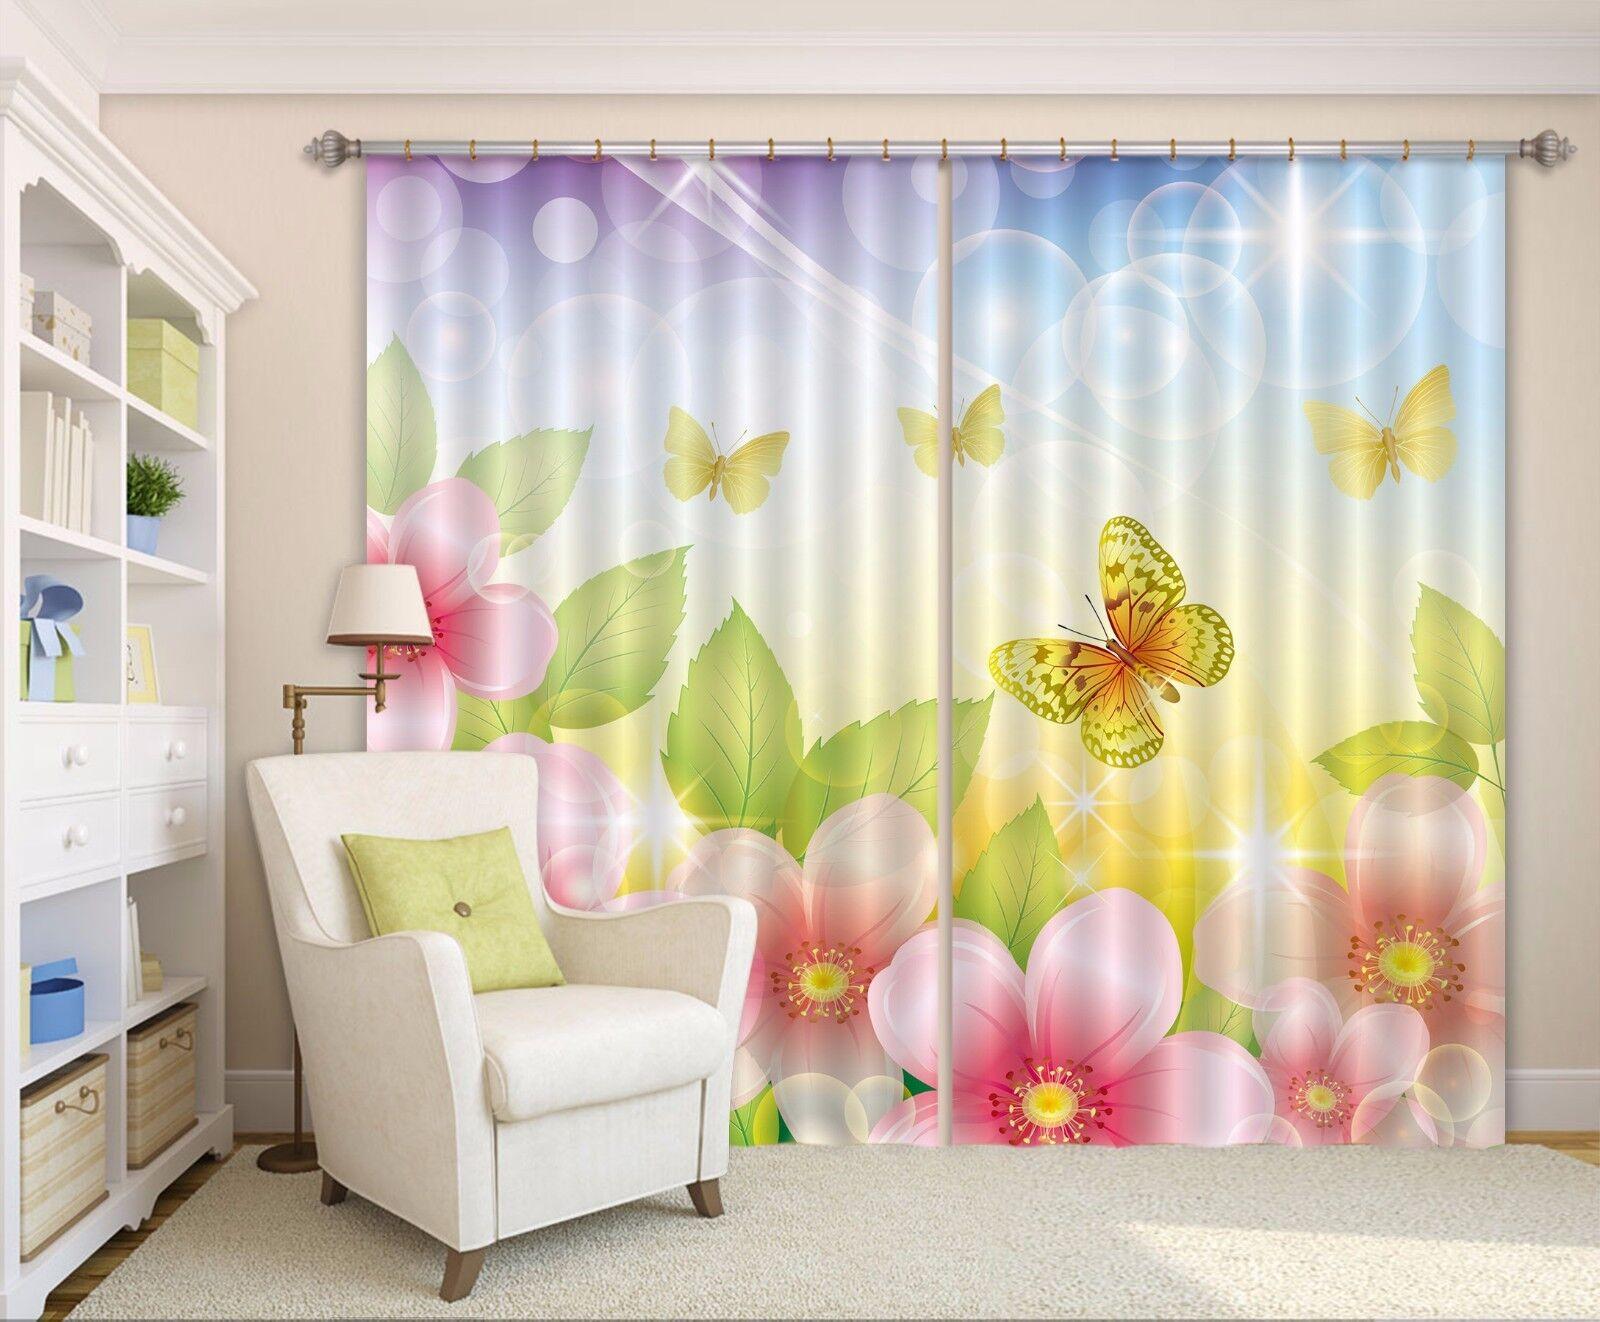 3D Melocotón Bloom Cortinas de impresión de cortina de foto 9 Blockout Tela Cortinas Ventana CA